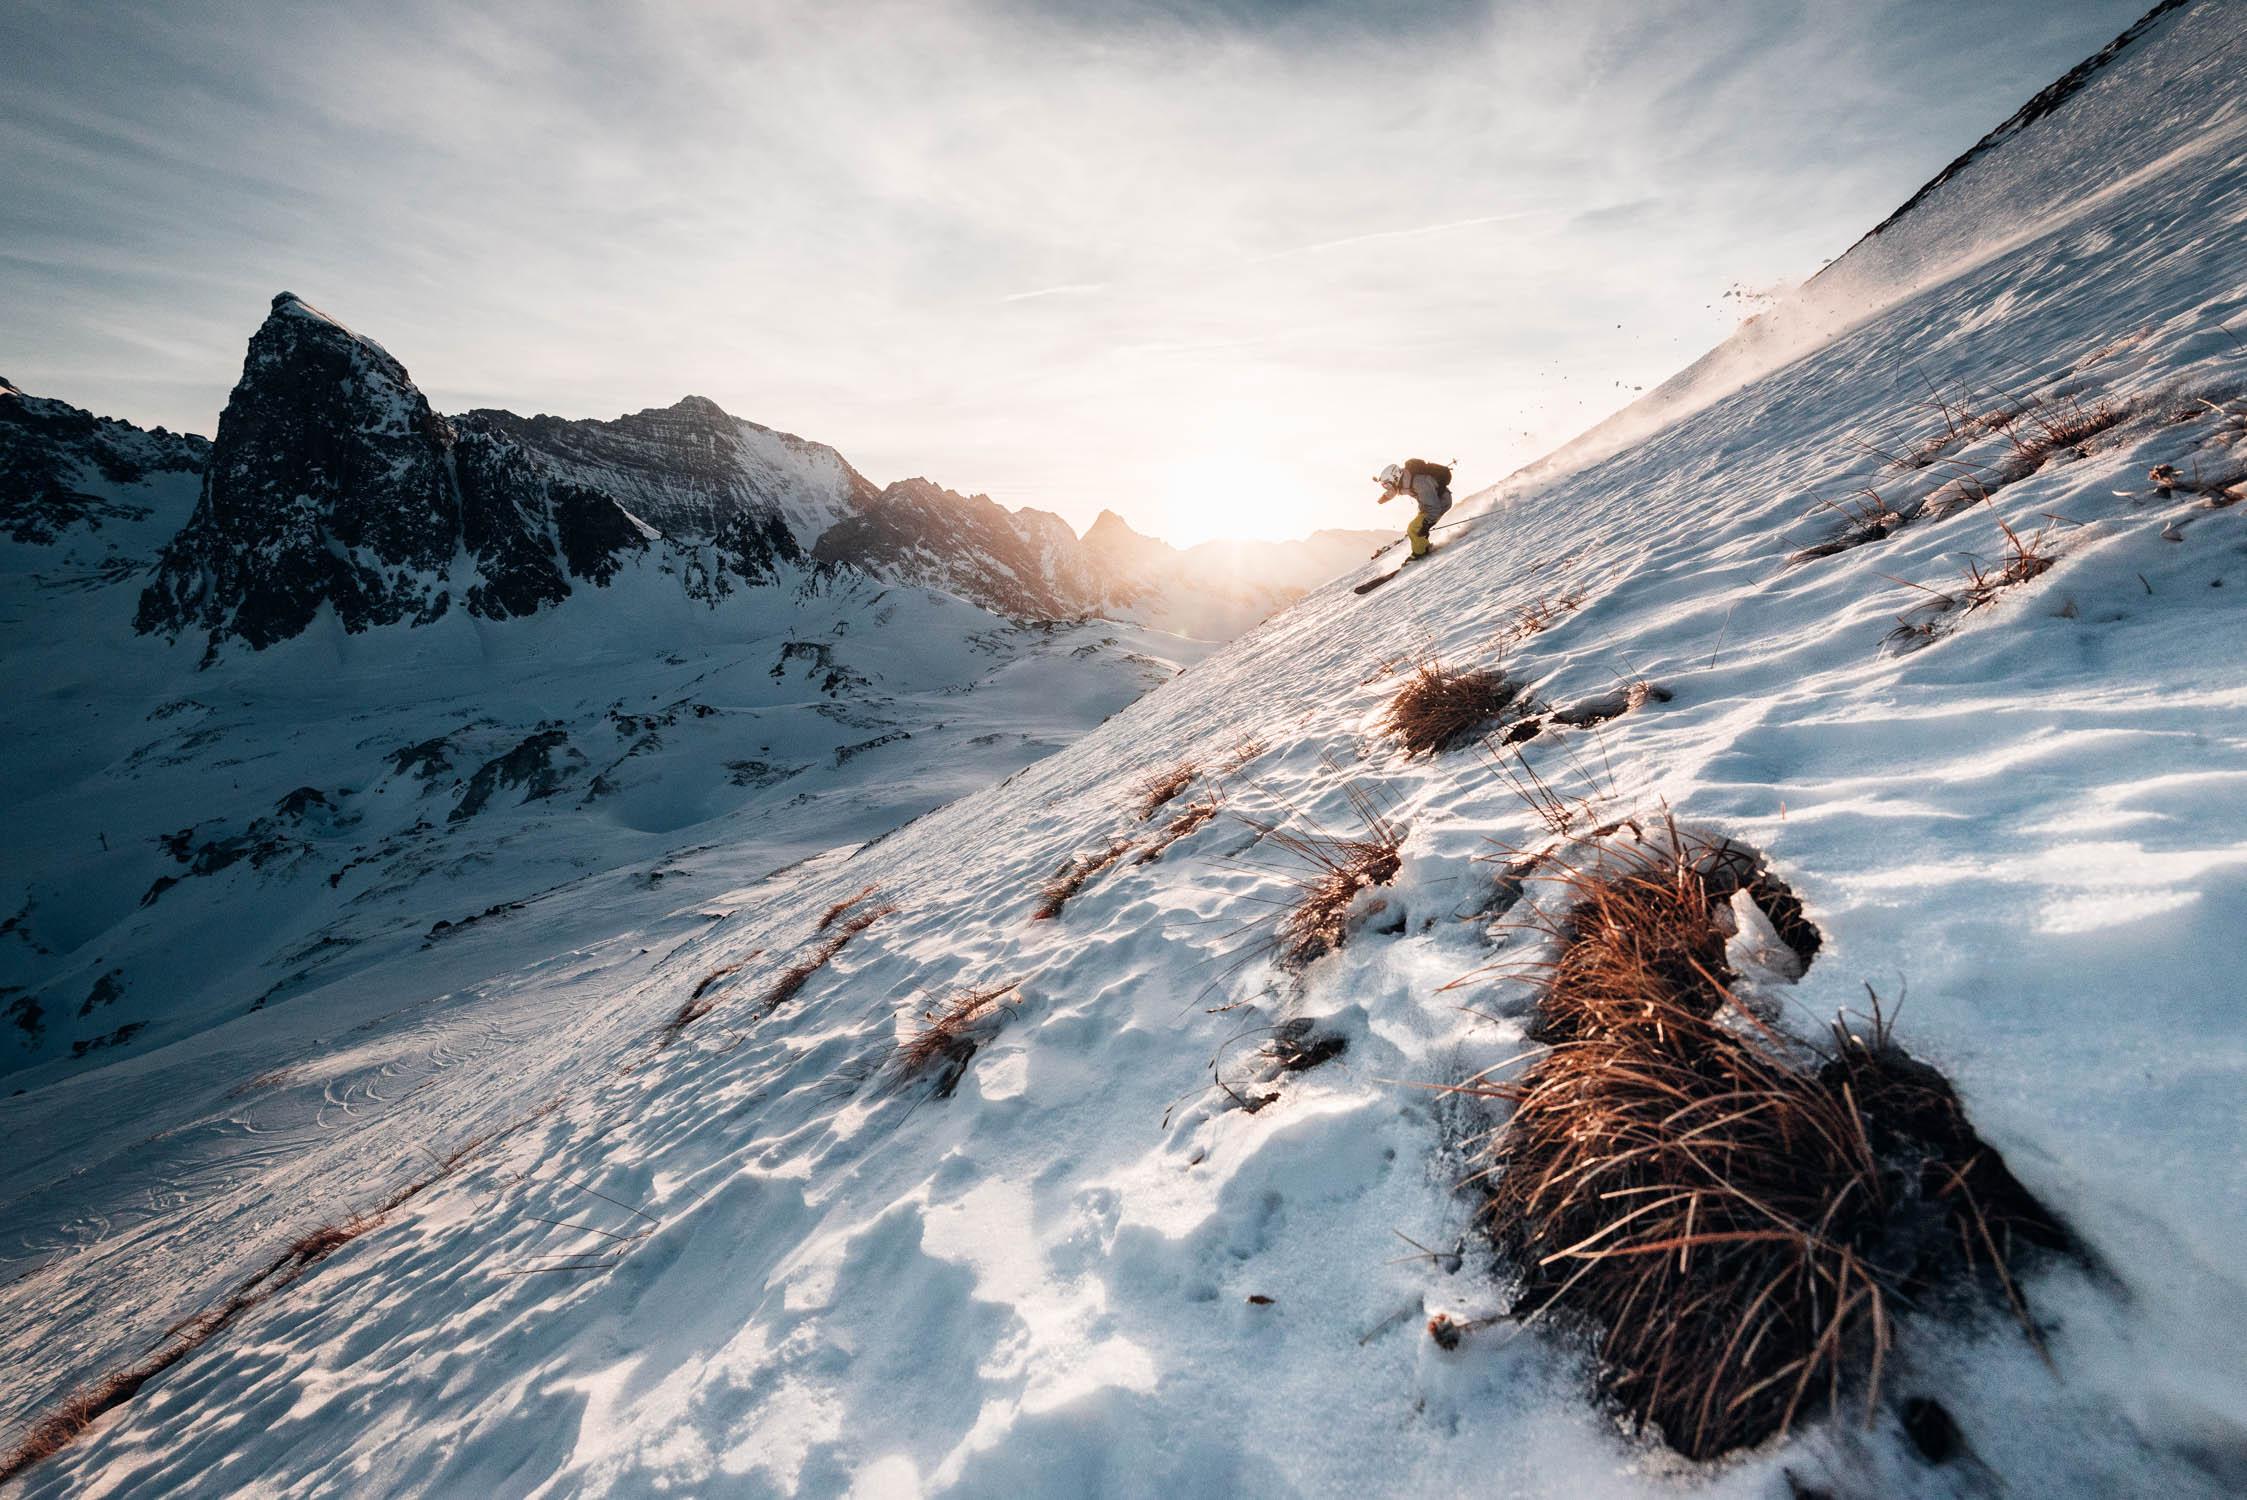 gustav-thuesen-adventure-outdoor-lifestyle-skiing-action-sport-4.jpg